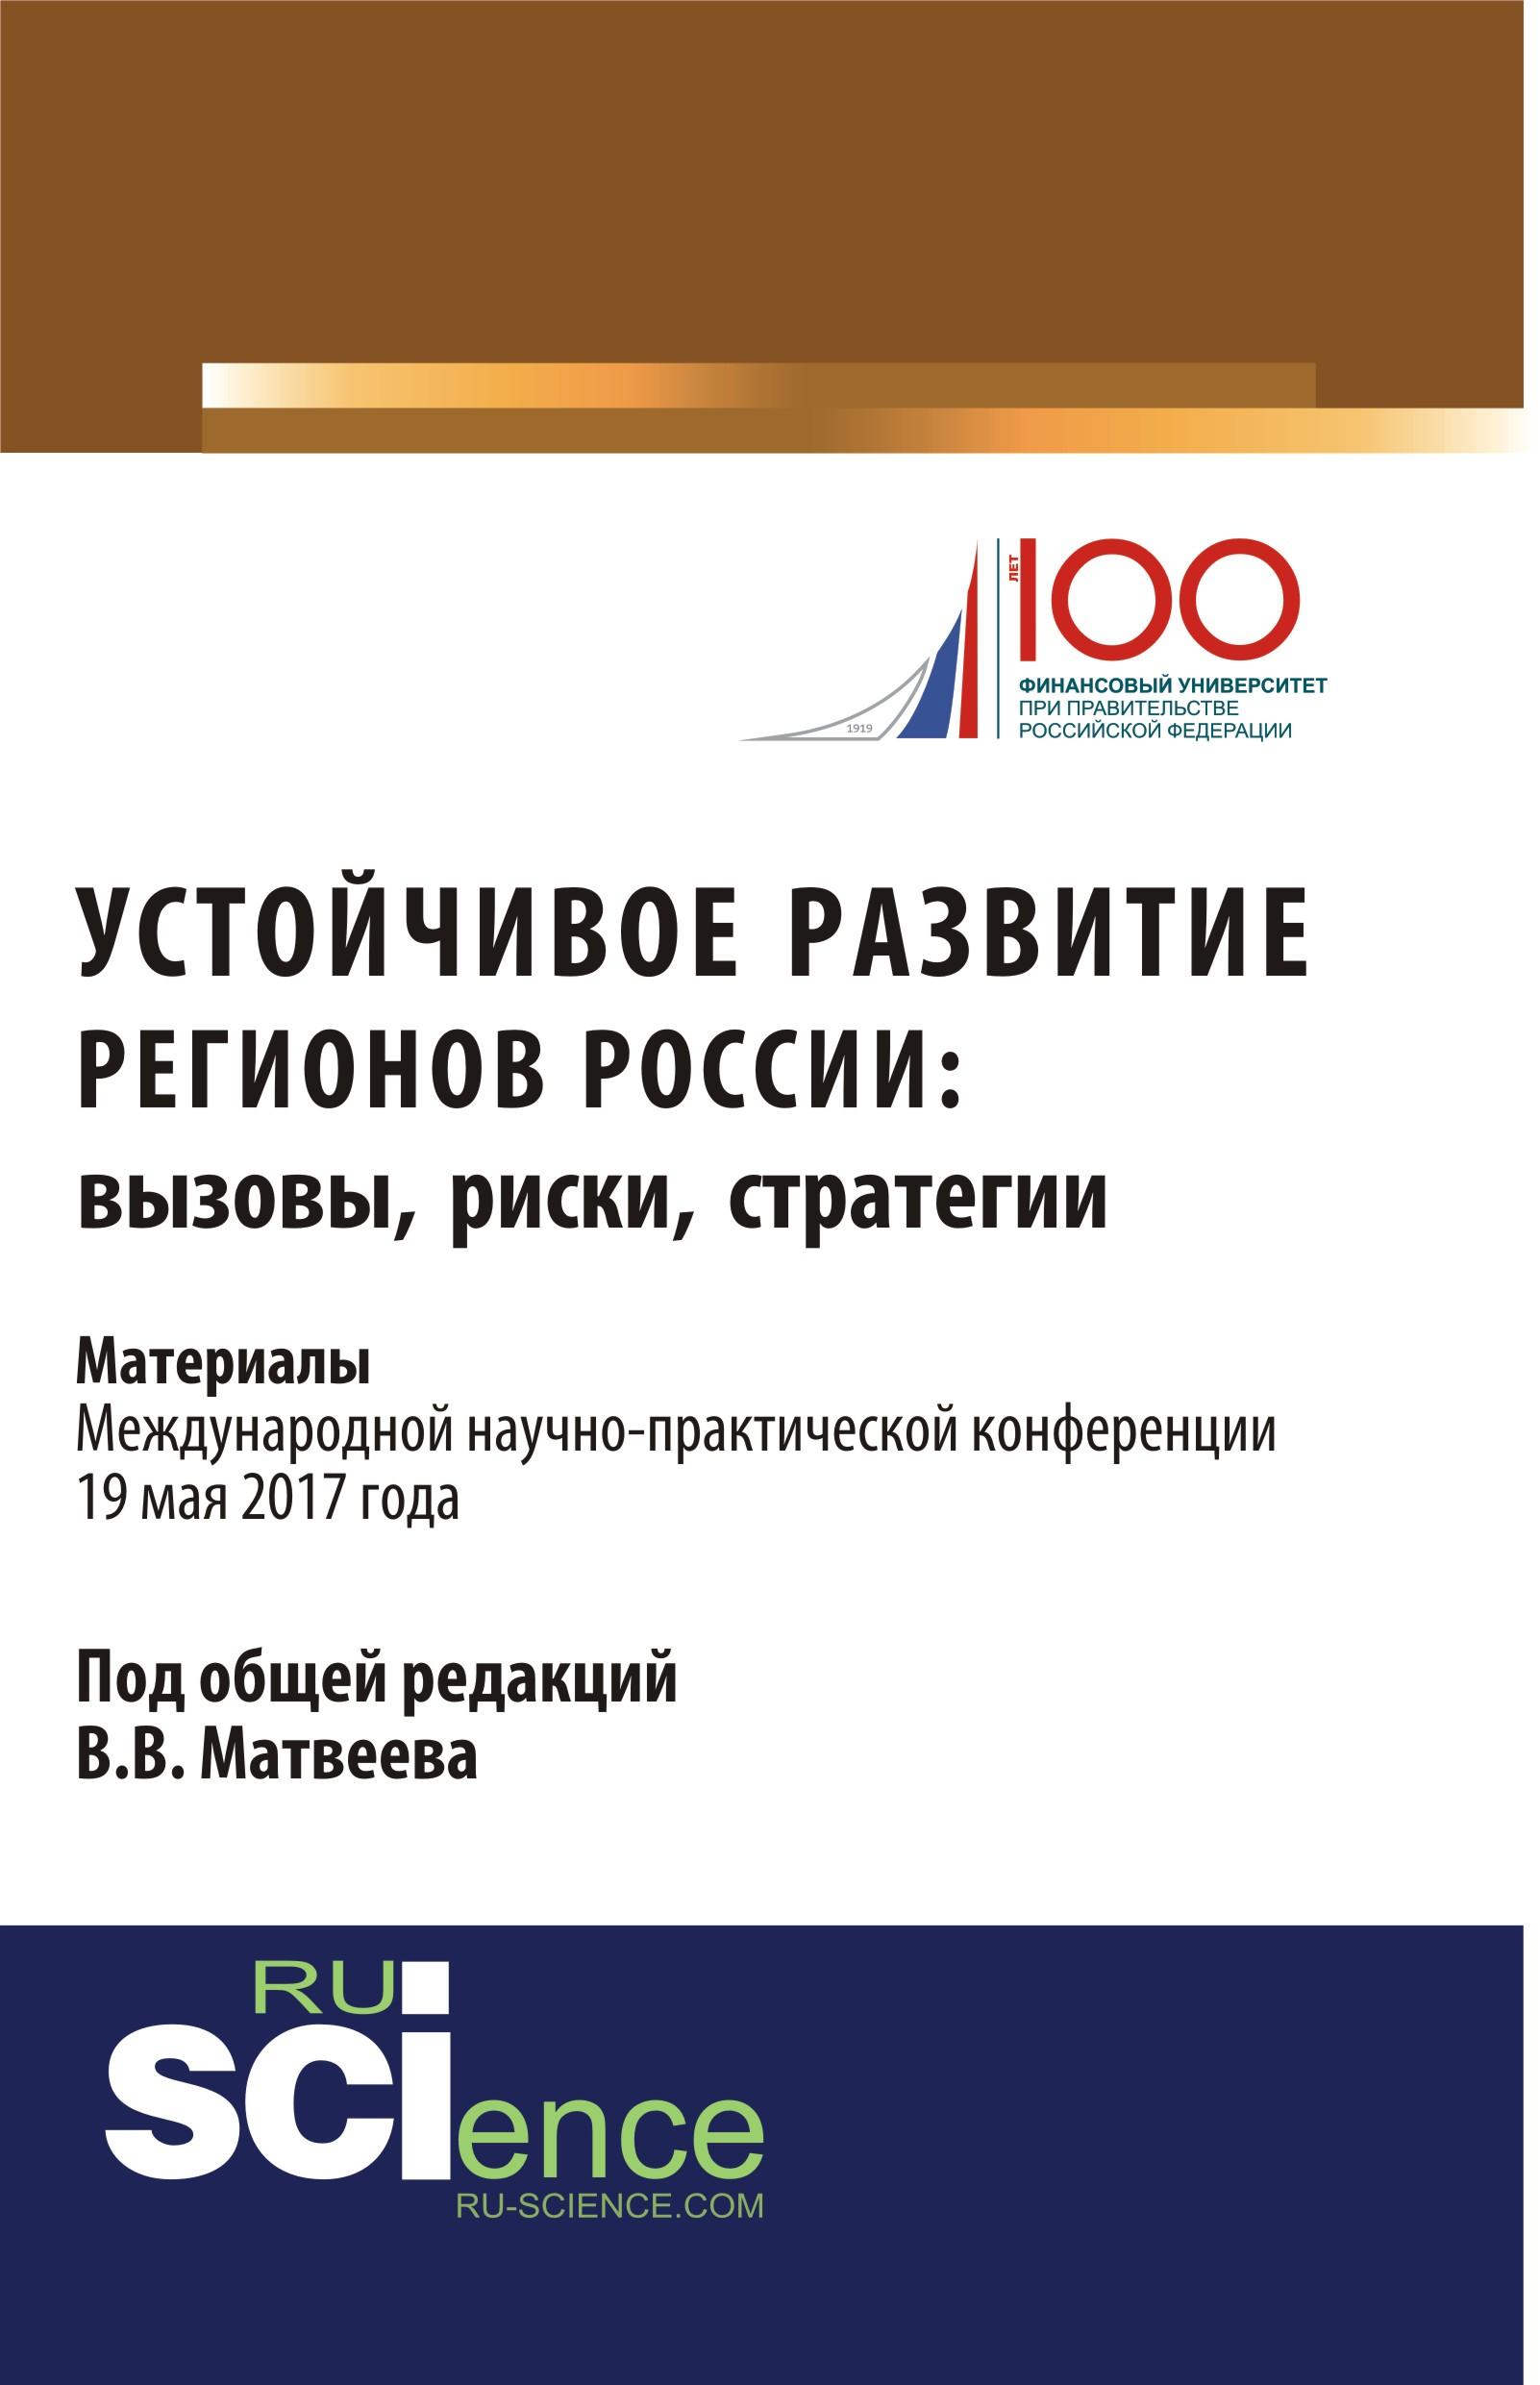 Устойчивое развитие регионов России: вызовы, риски, стратегии: материалы Международной научно-практической конференции